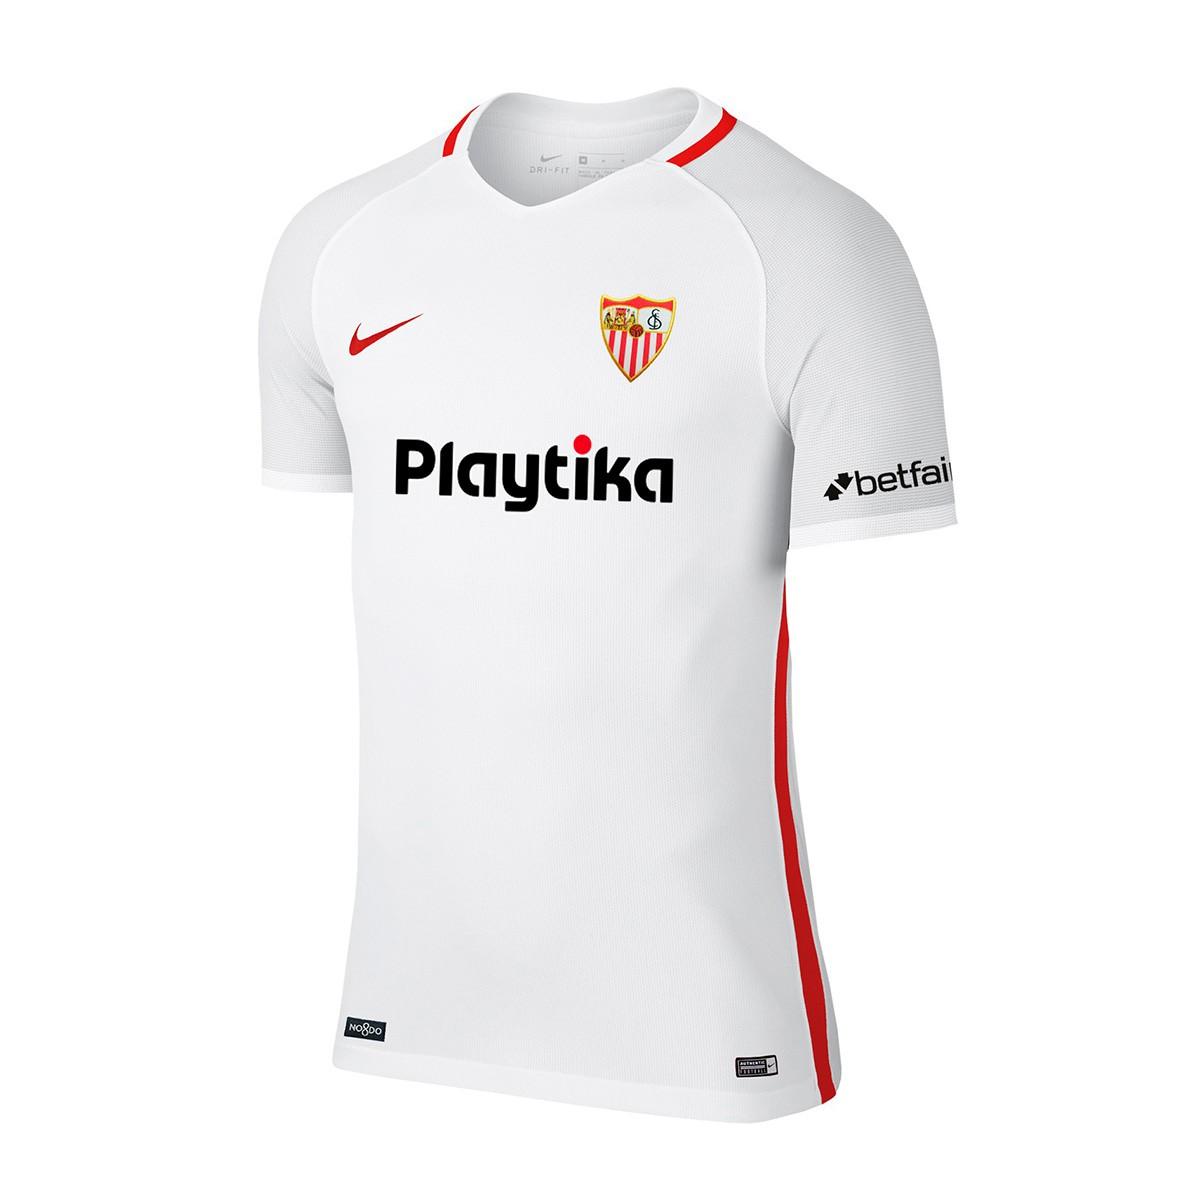 Maillot Nike Seville FC Domicile 2018 2019